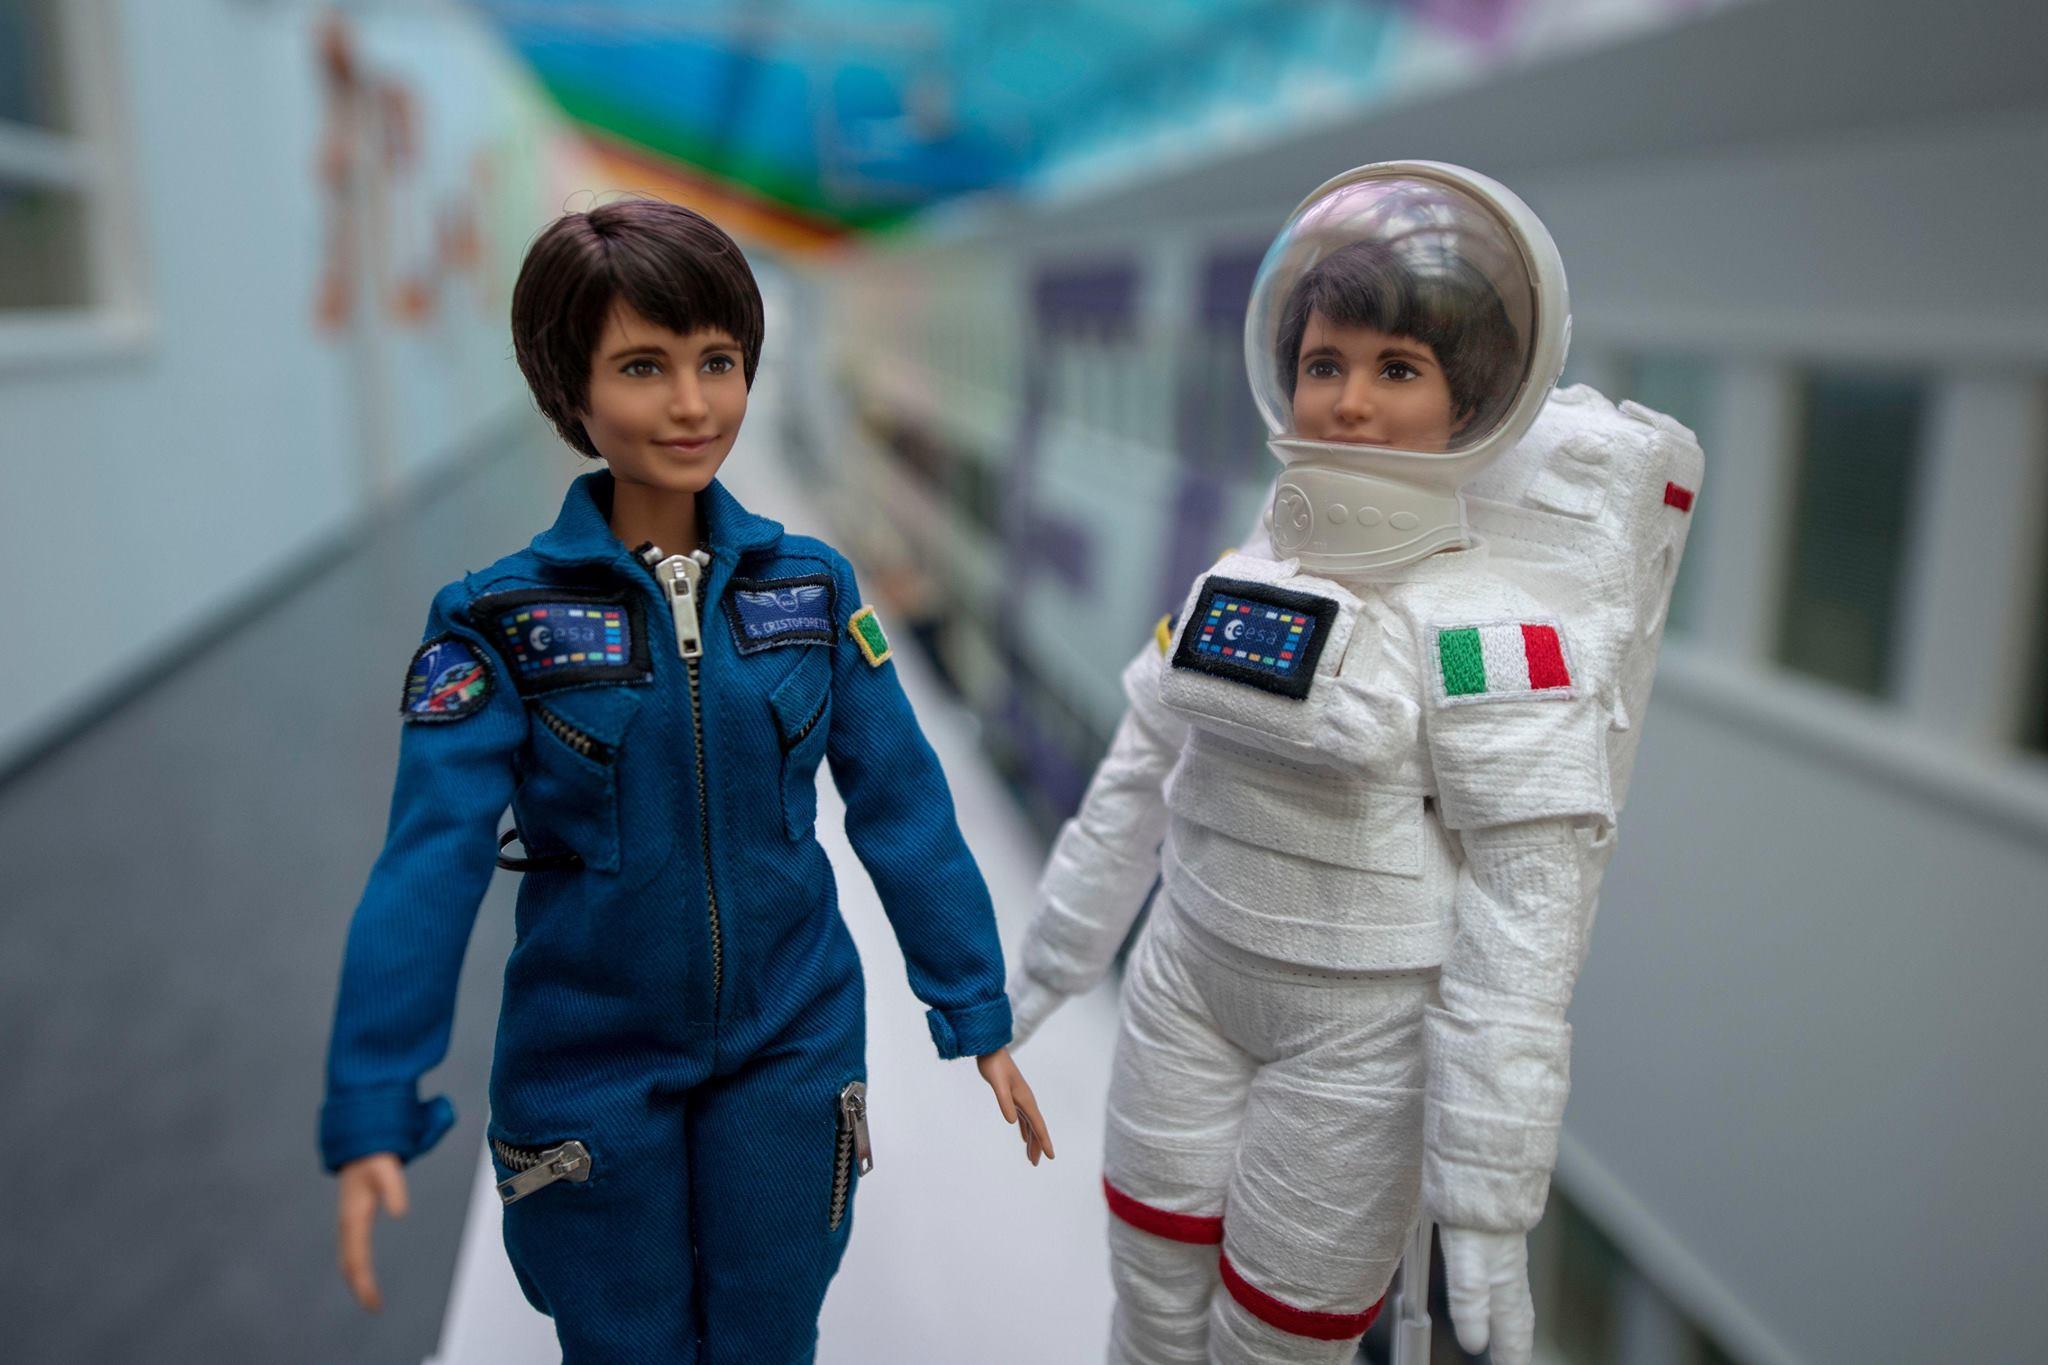 Che aspetta Mattel a commercializzare la Barbie di Samantha Cristoforetti?